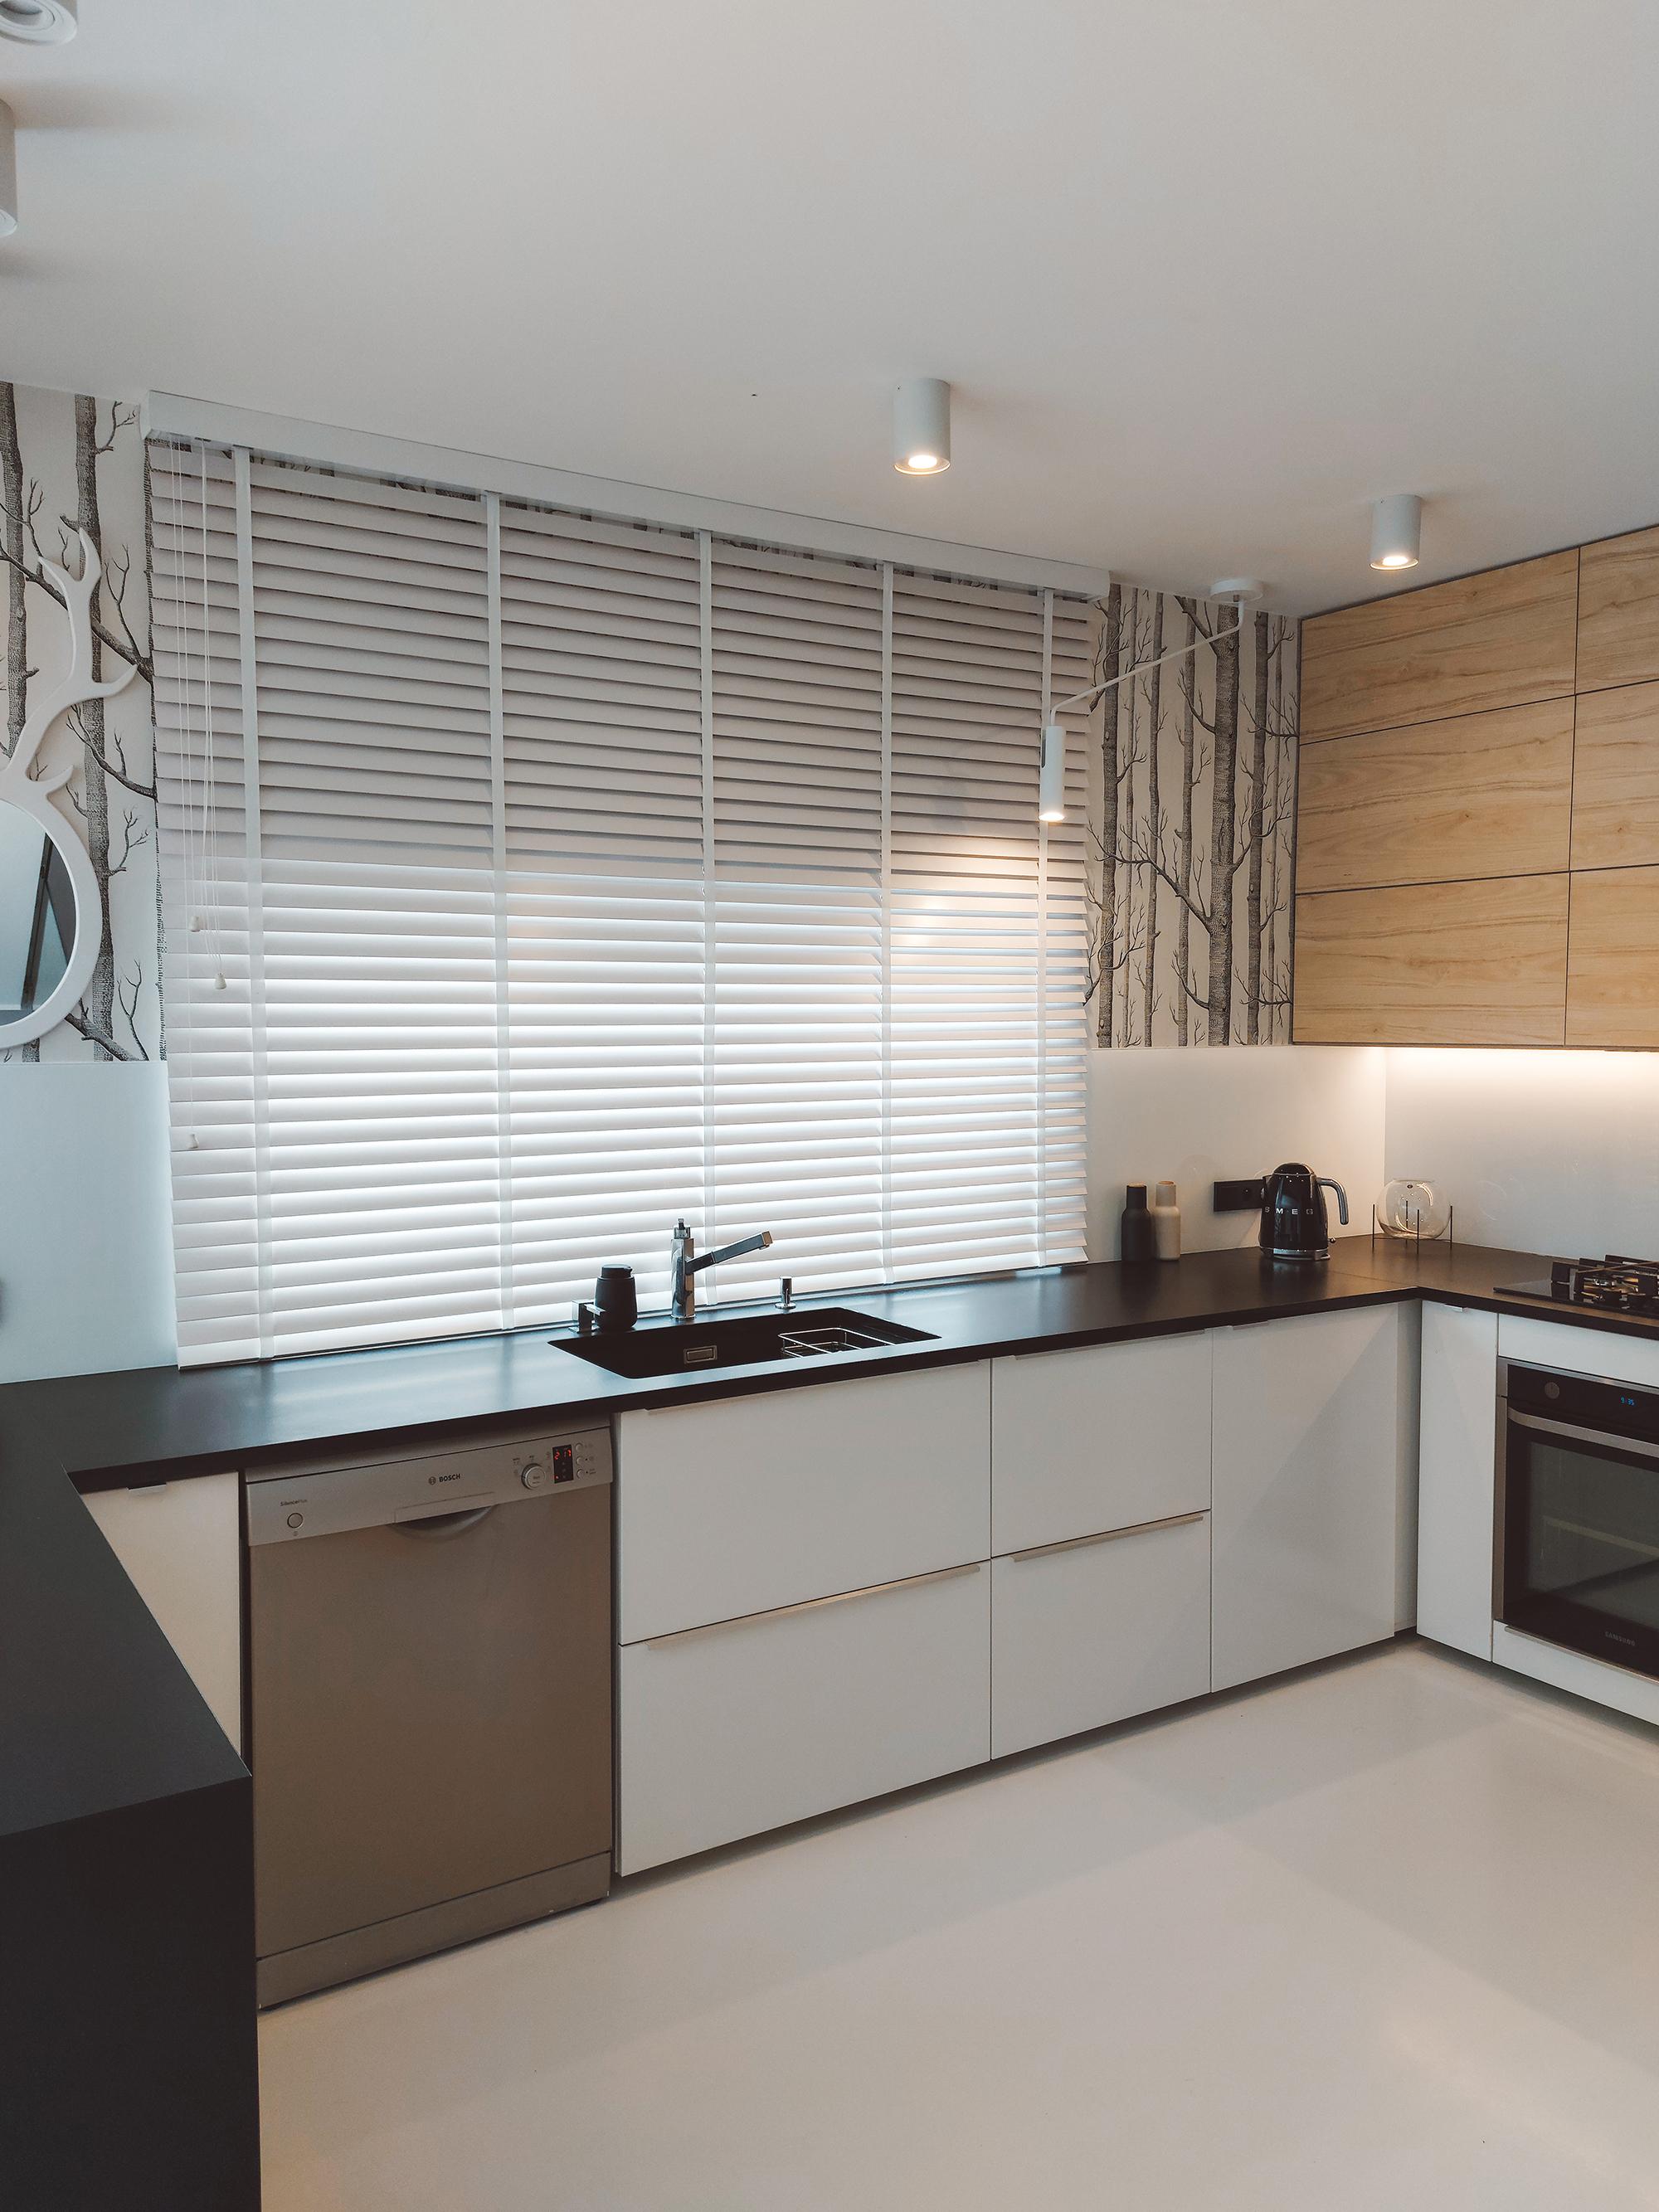 białe żaluzje drewniane w kuchni